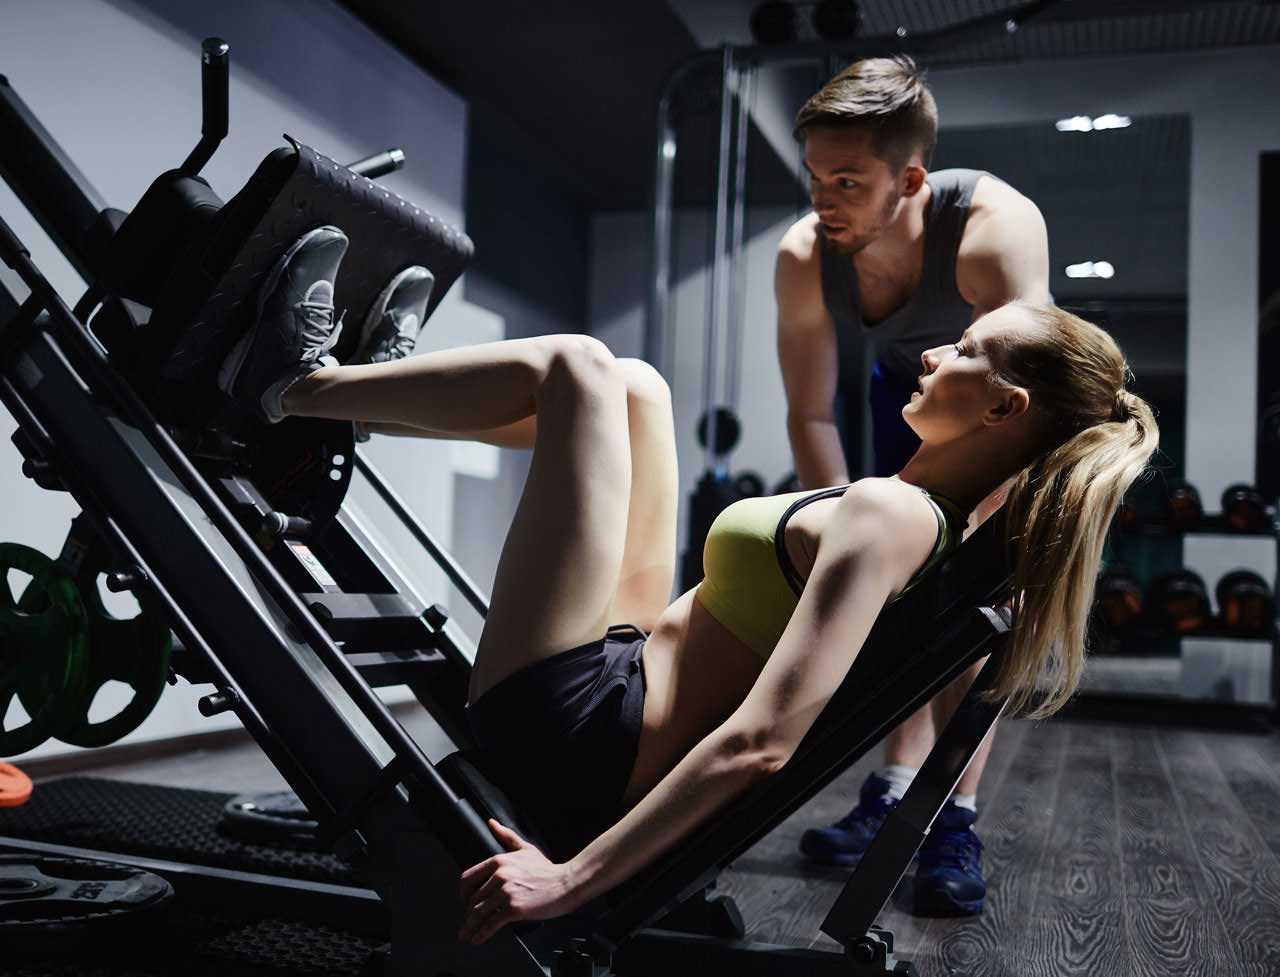 odchudzanie blog jak schudnac cwiczenia zdrowie 6